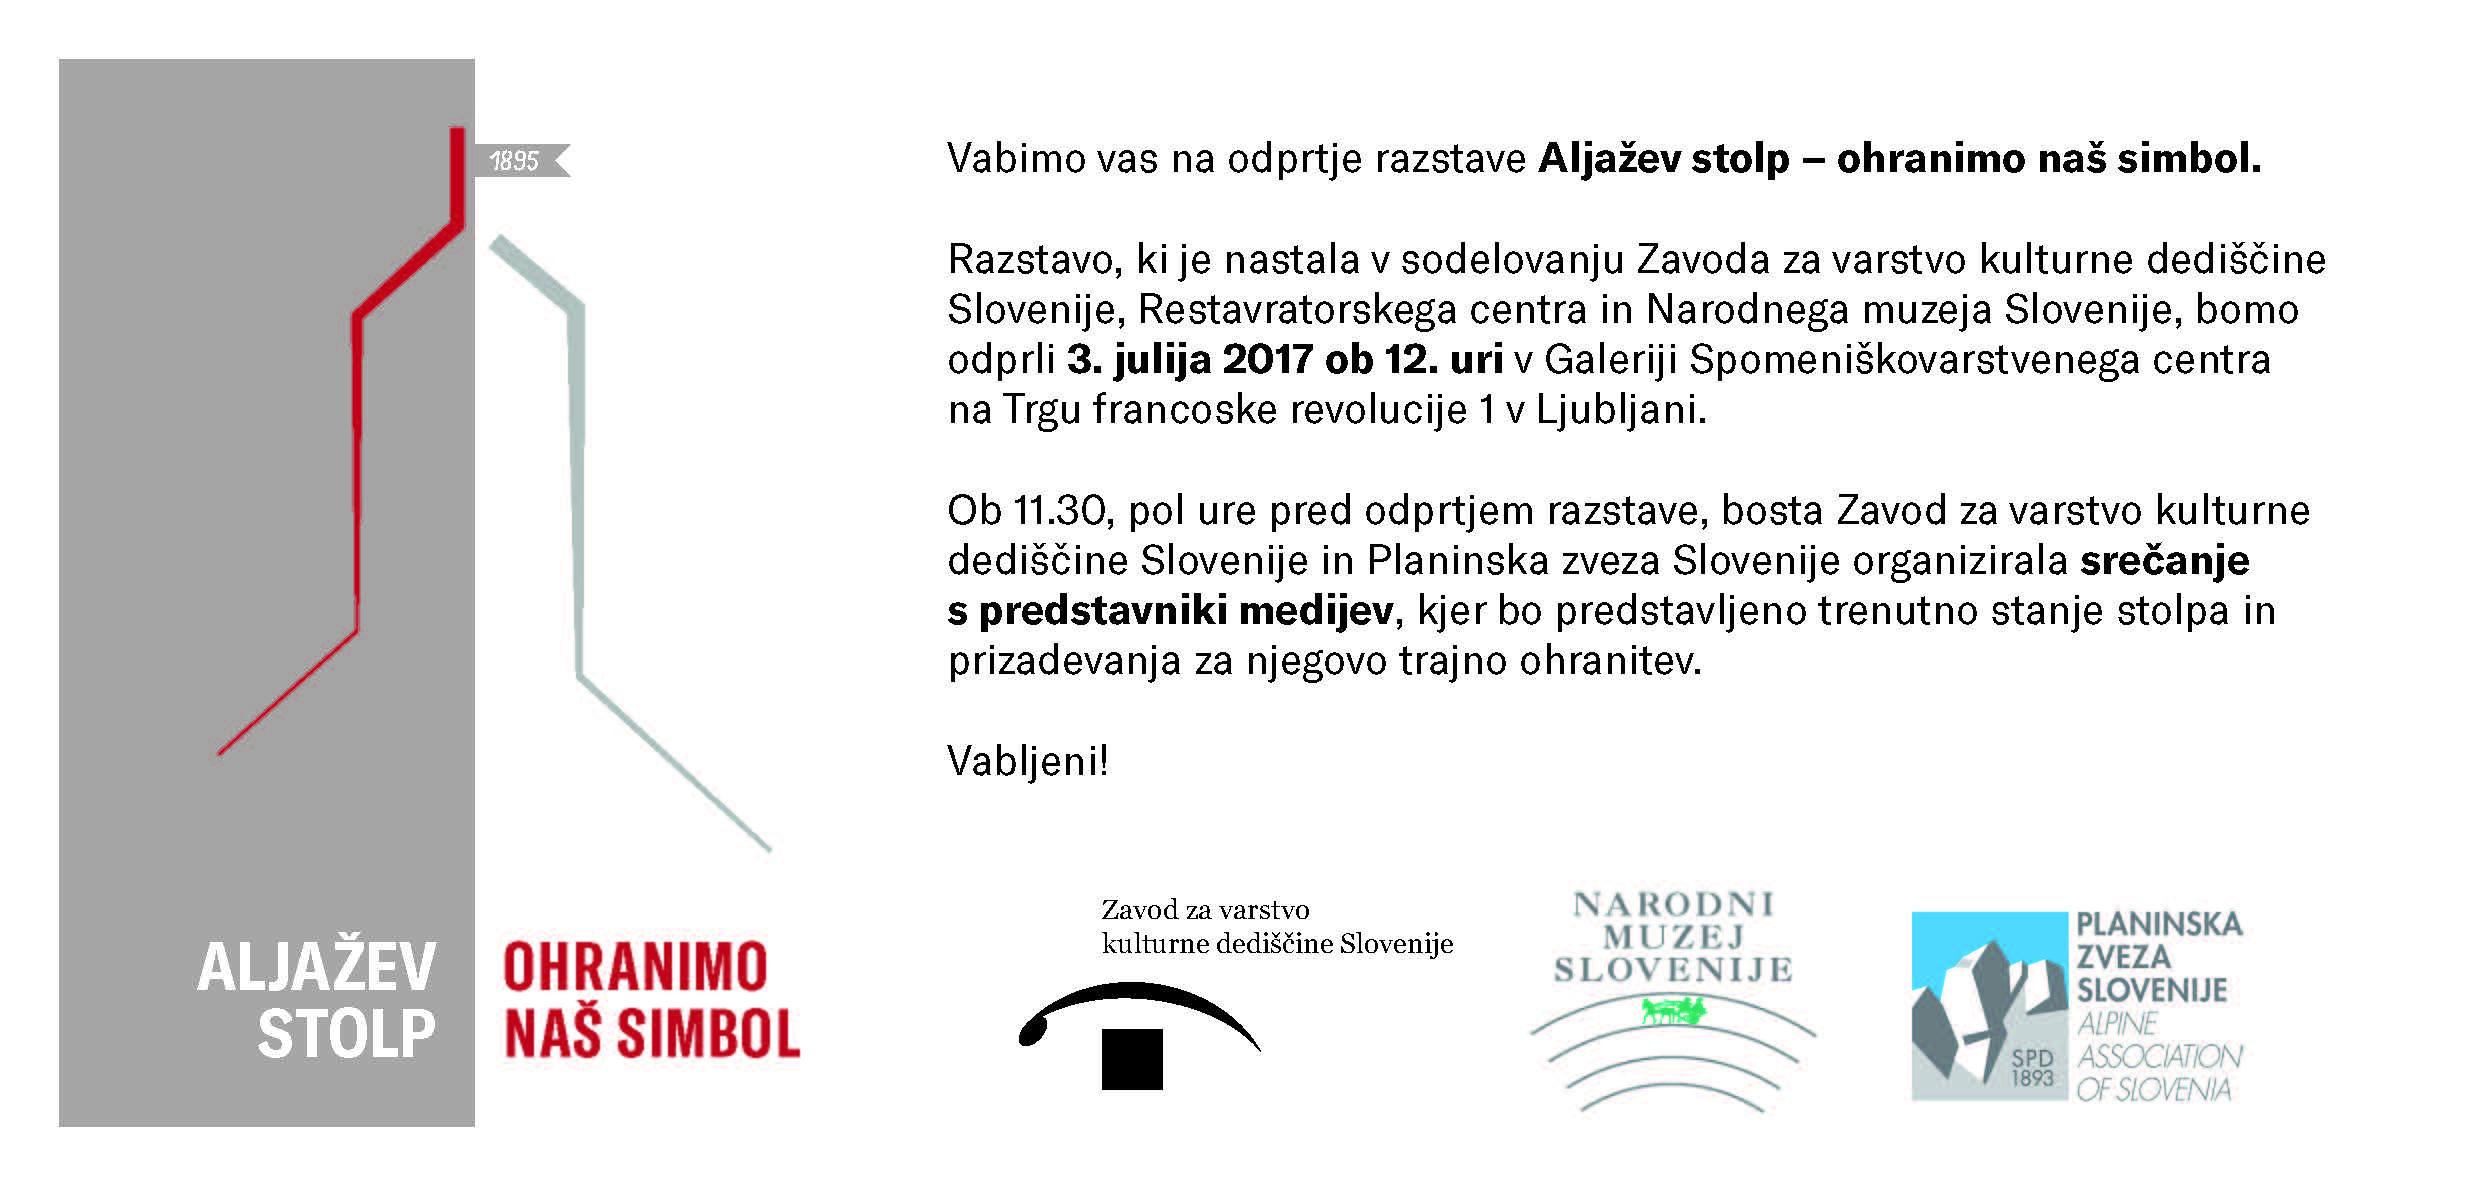 aljazev_stolp_razstava_vabilo